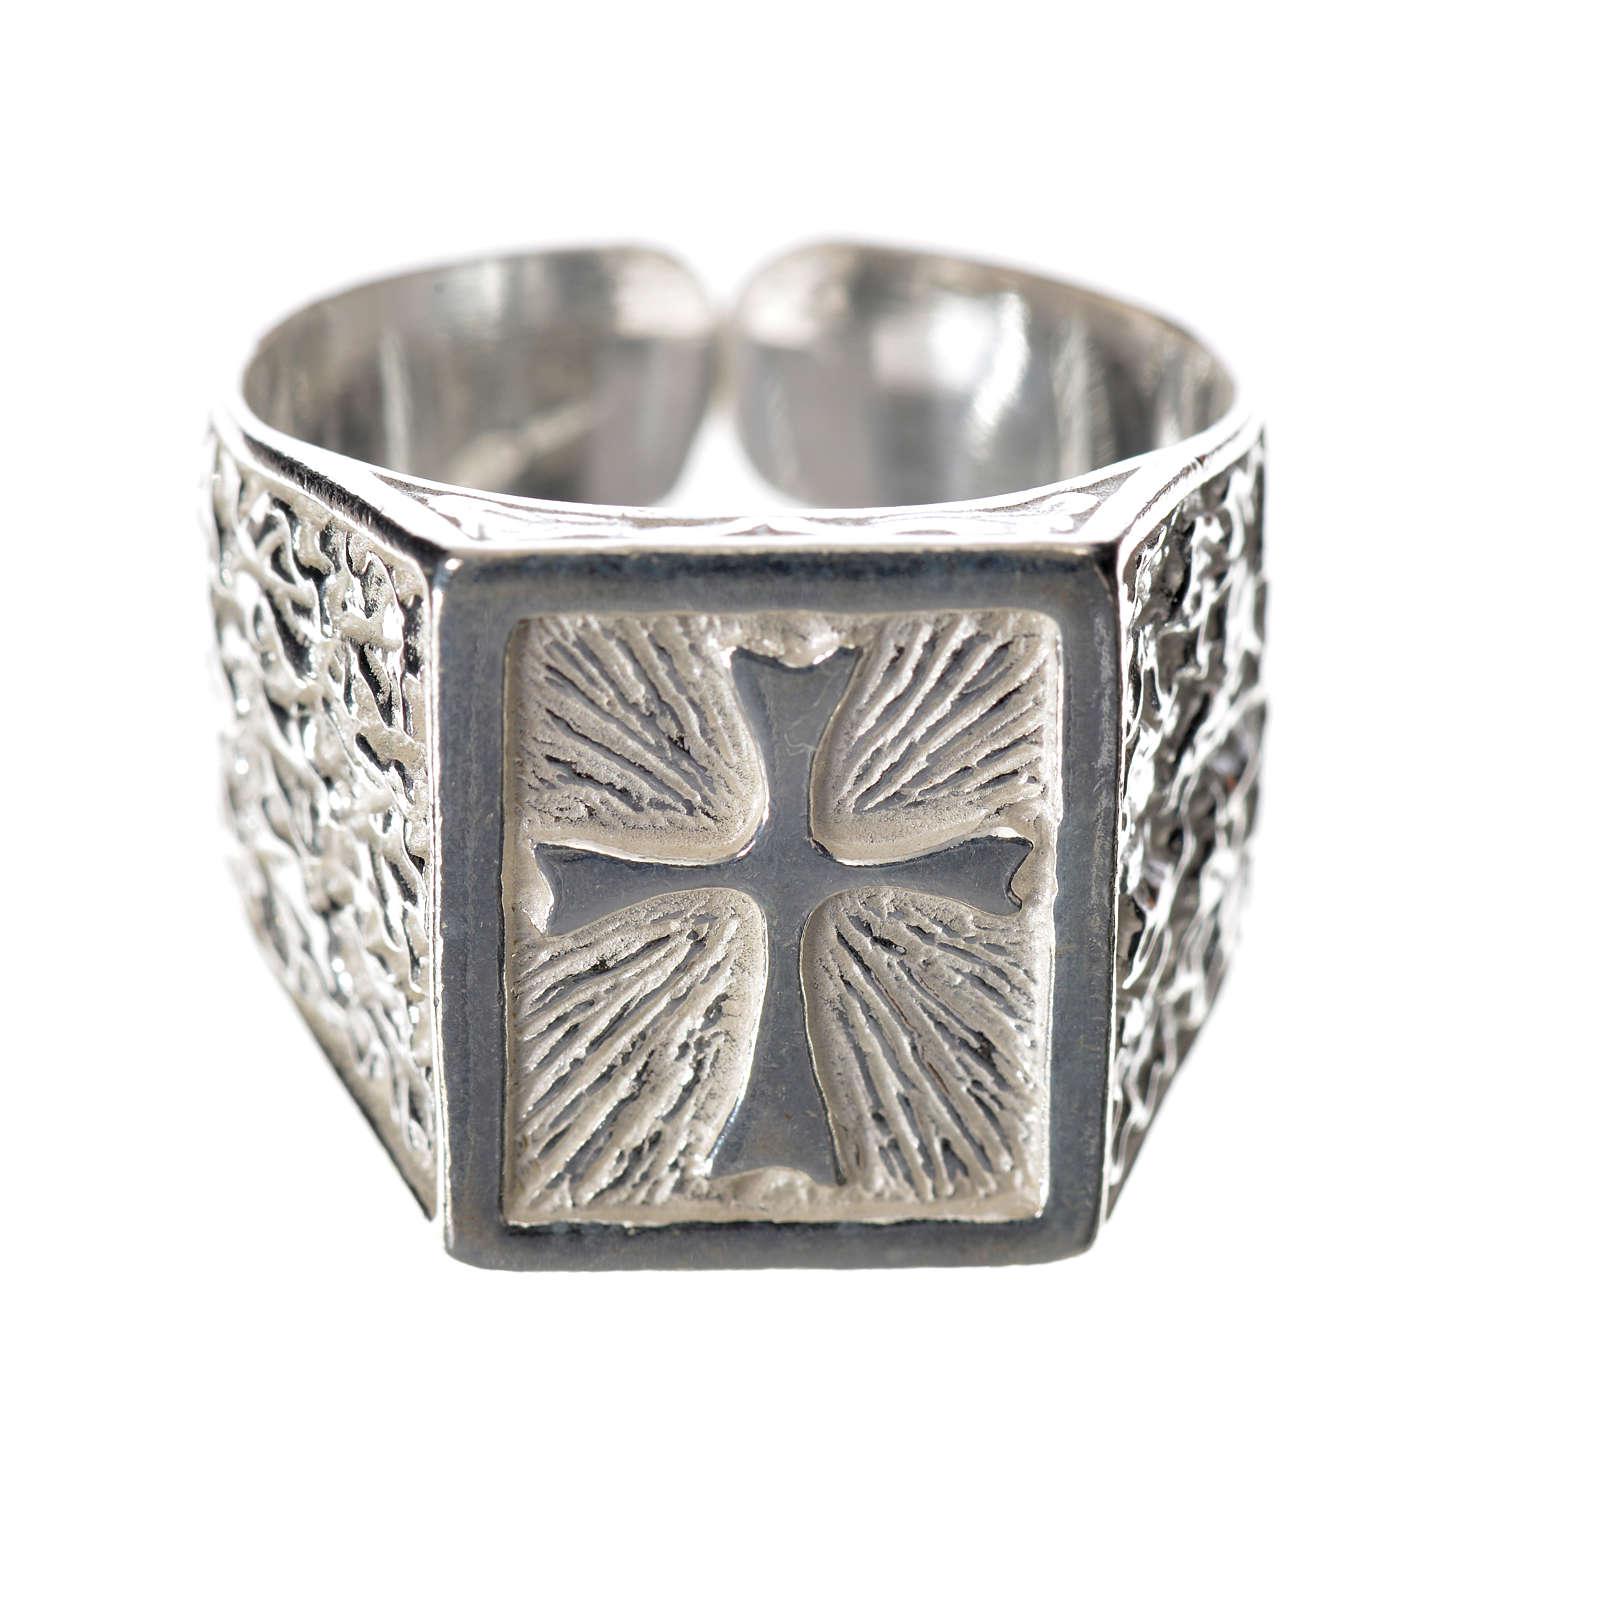 Anello episcopale con croce argento 800 3